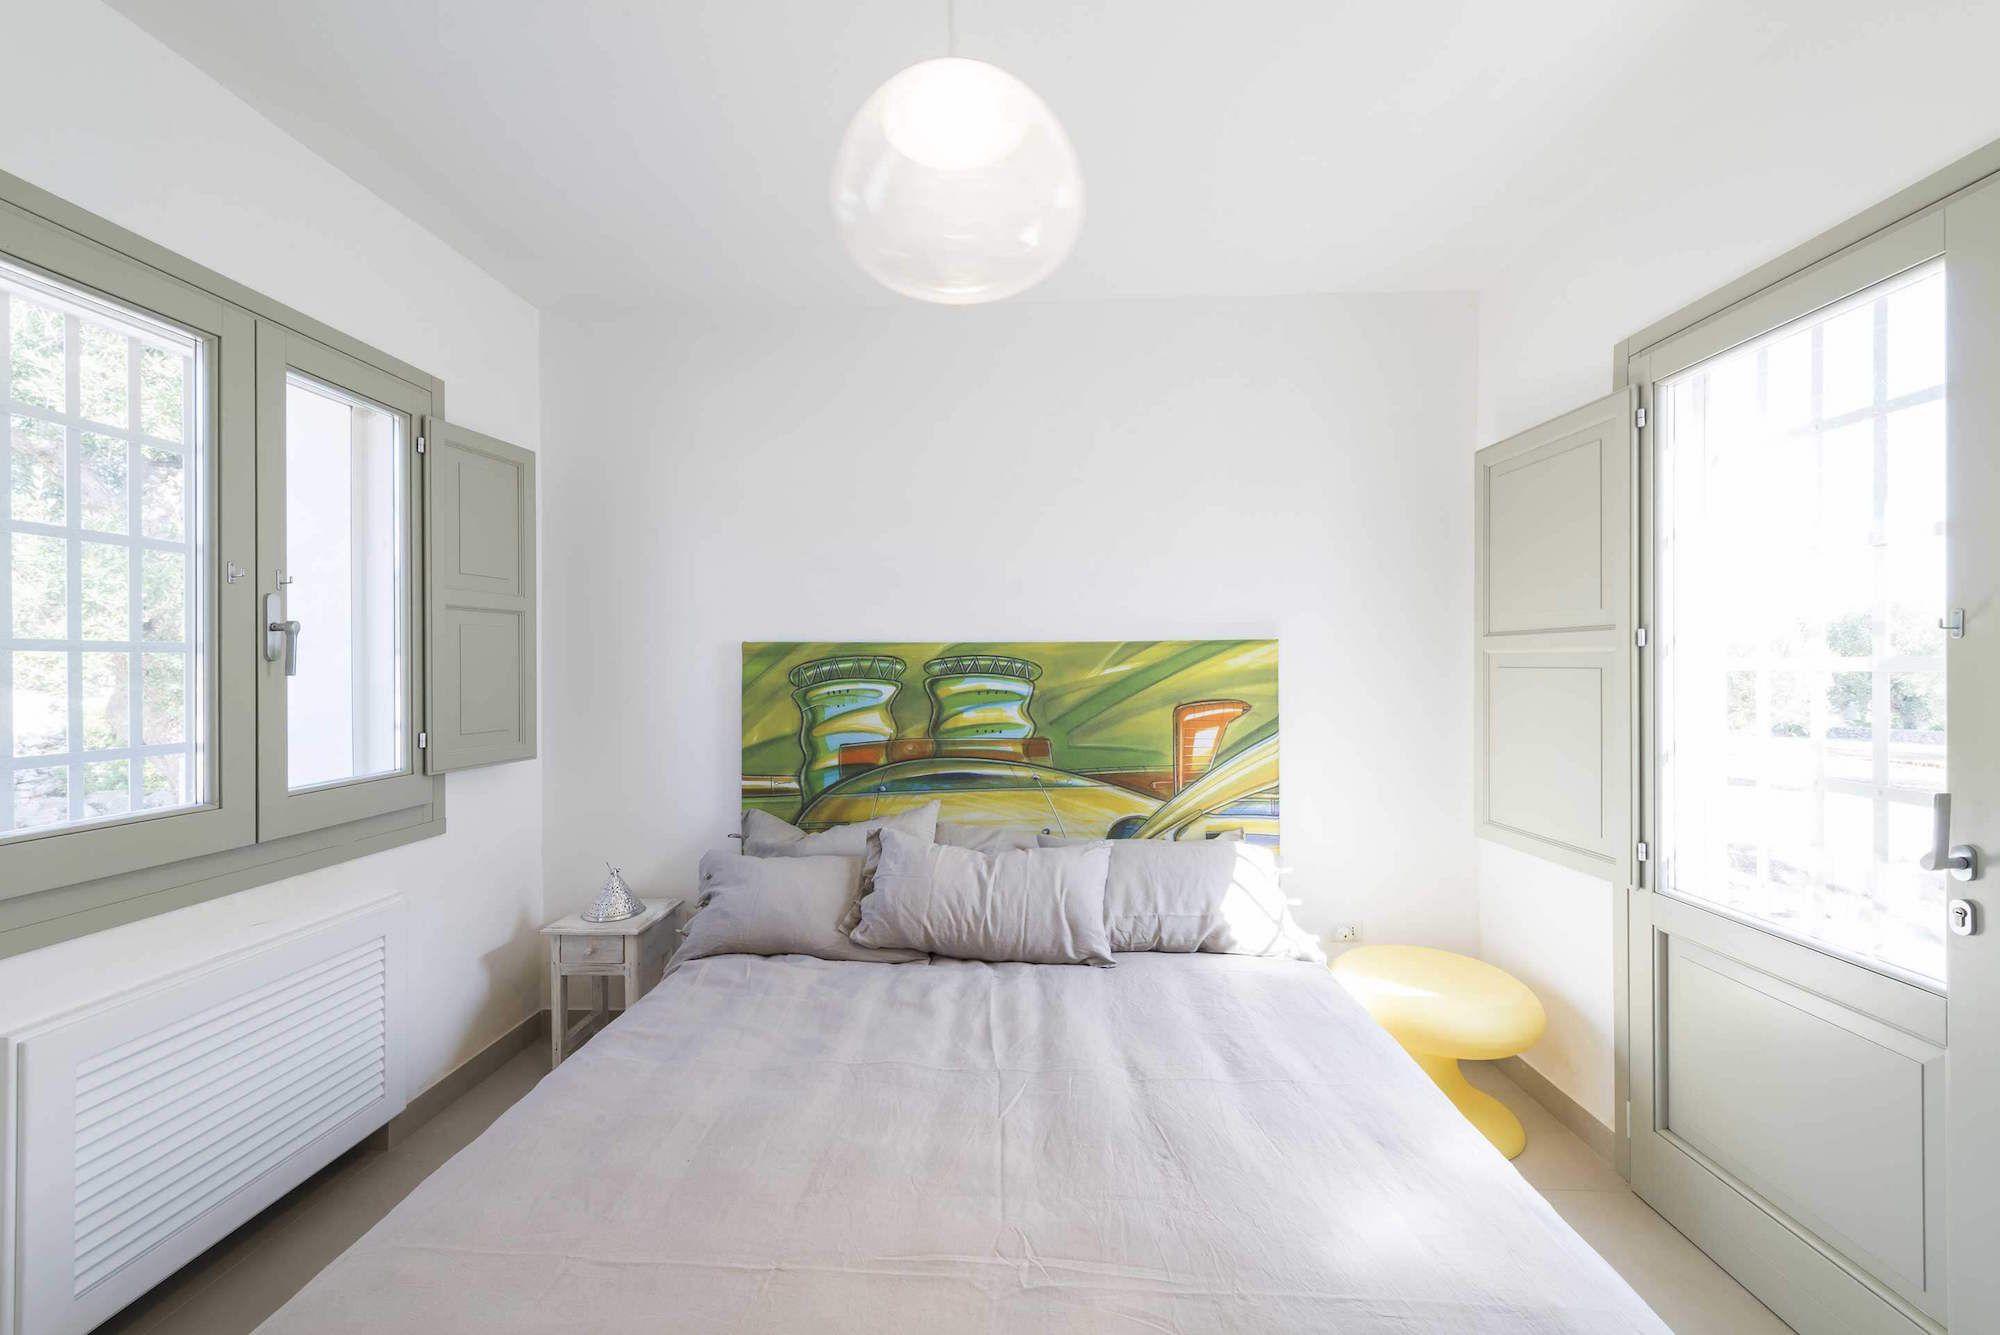 Puglia-House-massimo-iosa-ghini-13